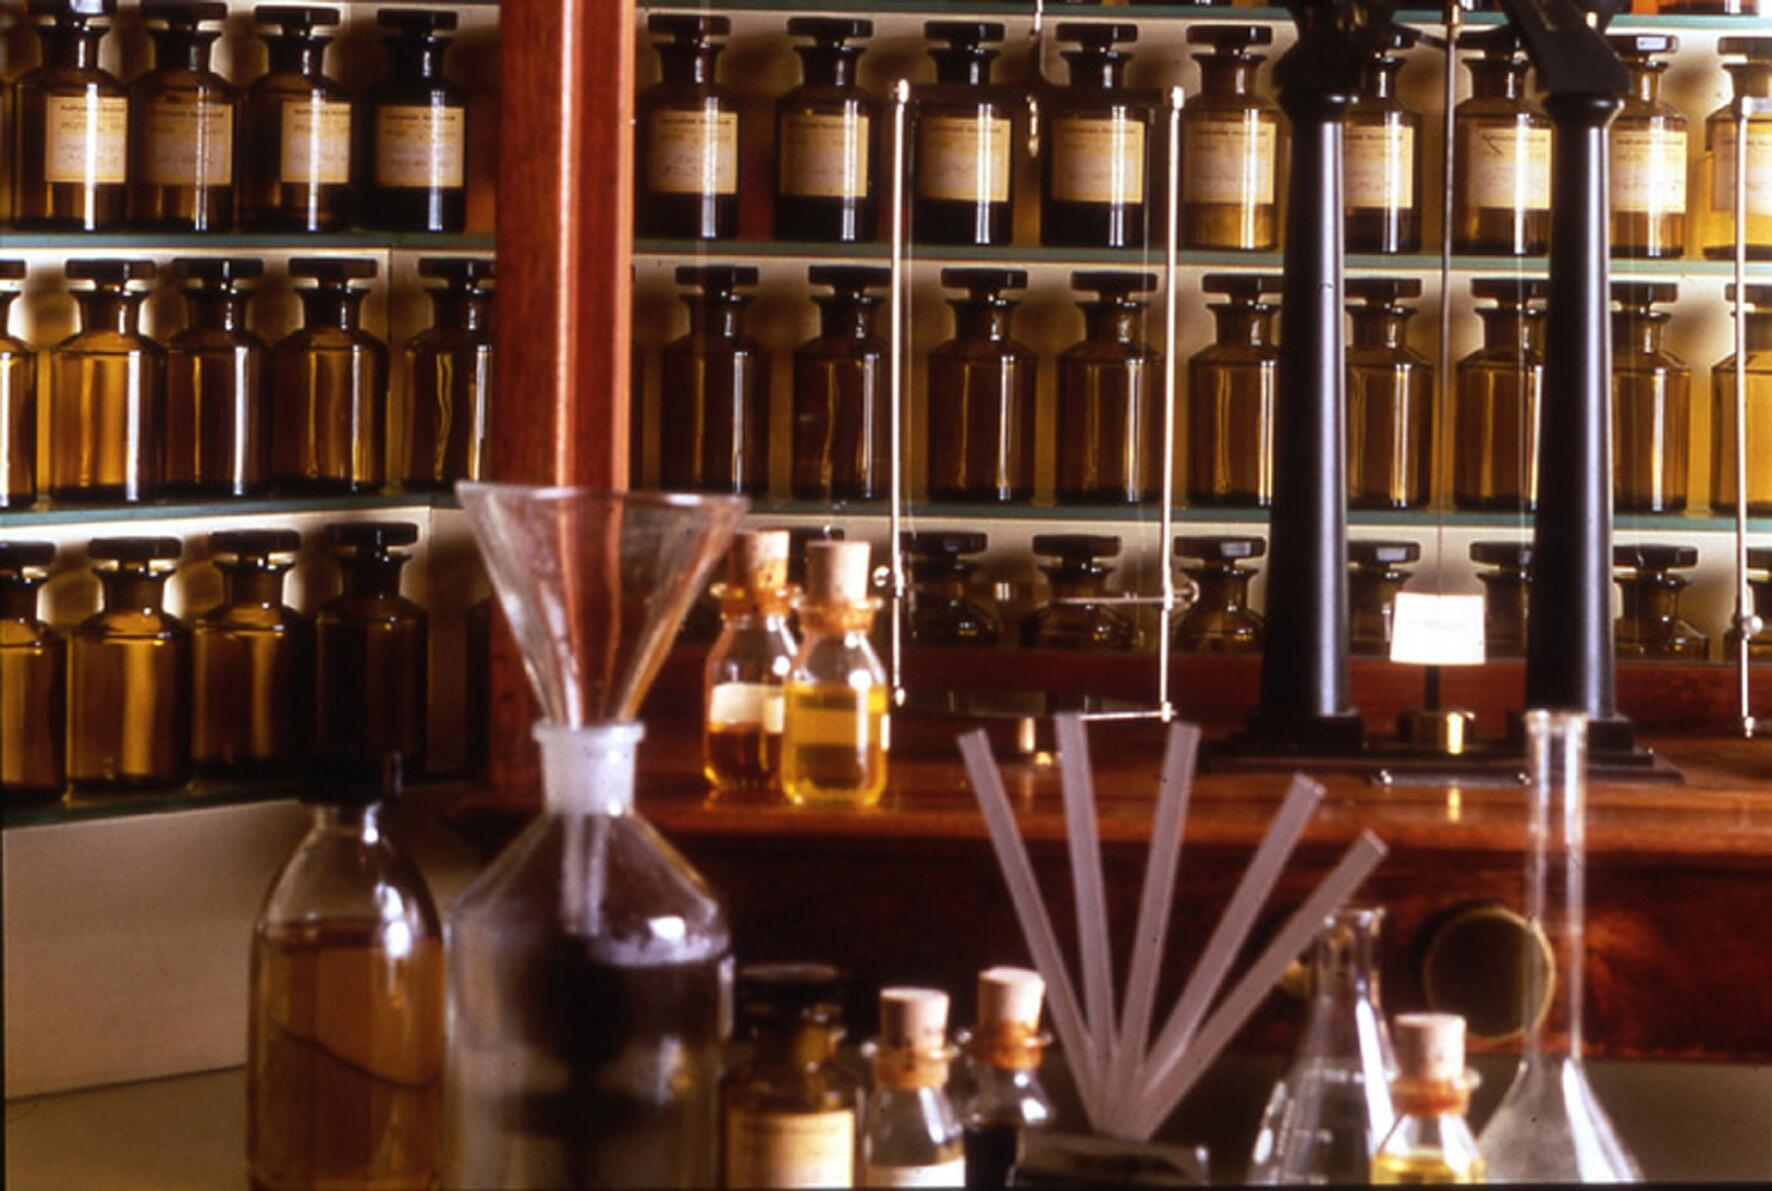 Laboratorio de un creador de perfumes.